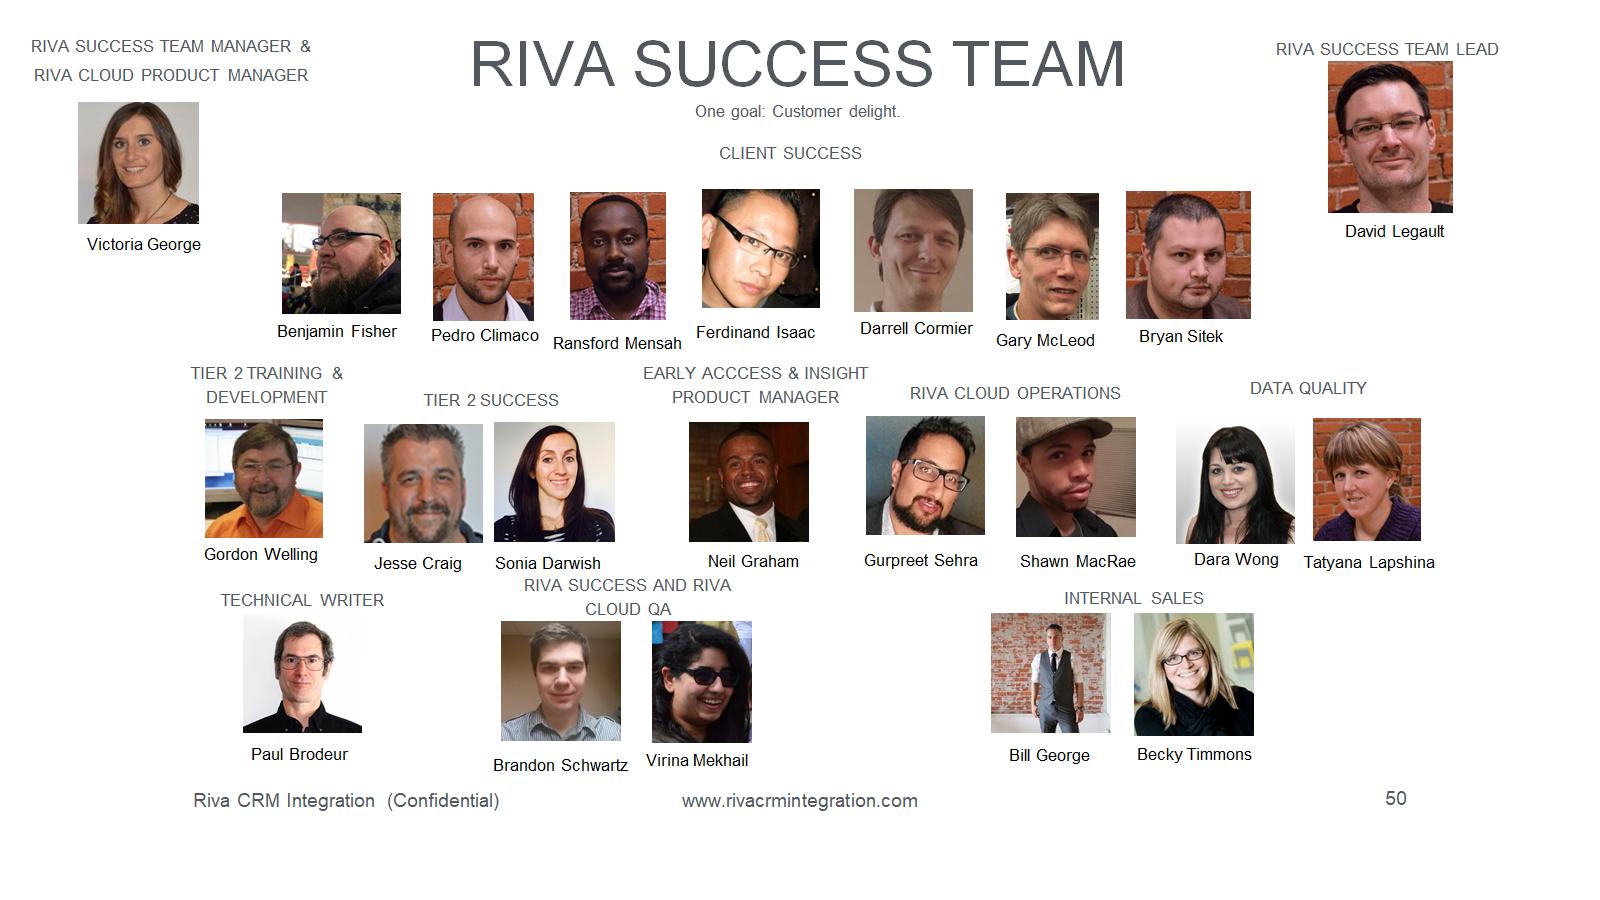 riva success